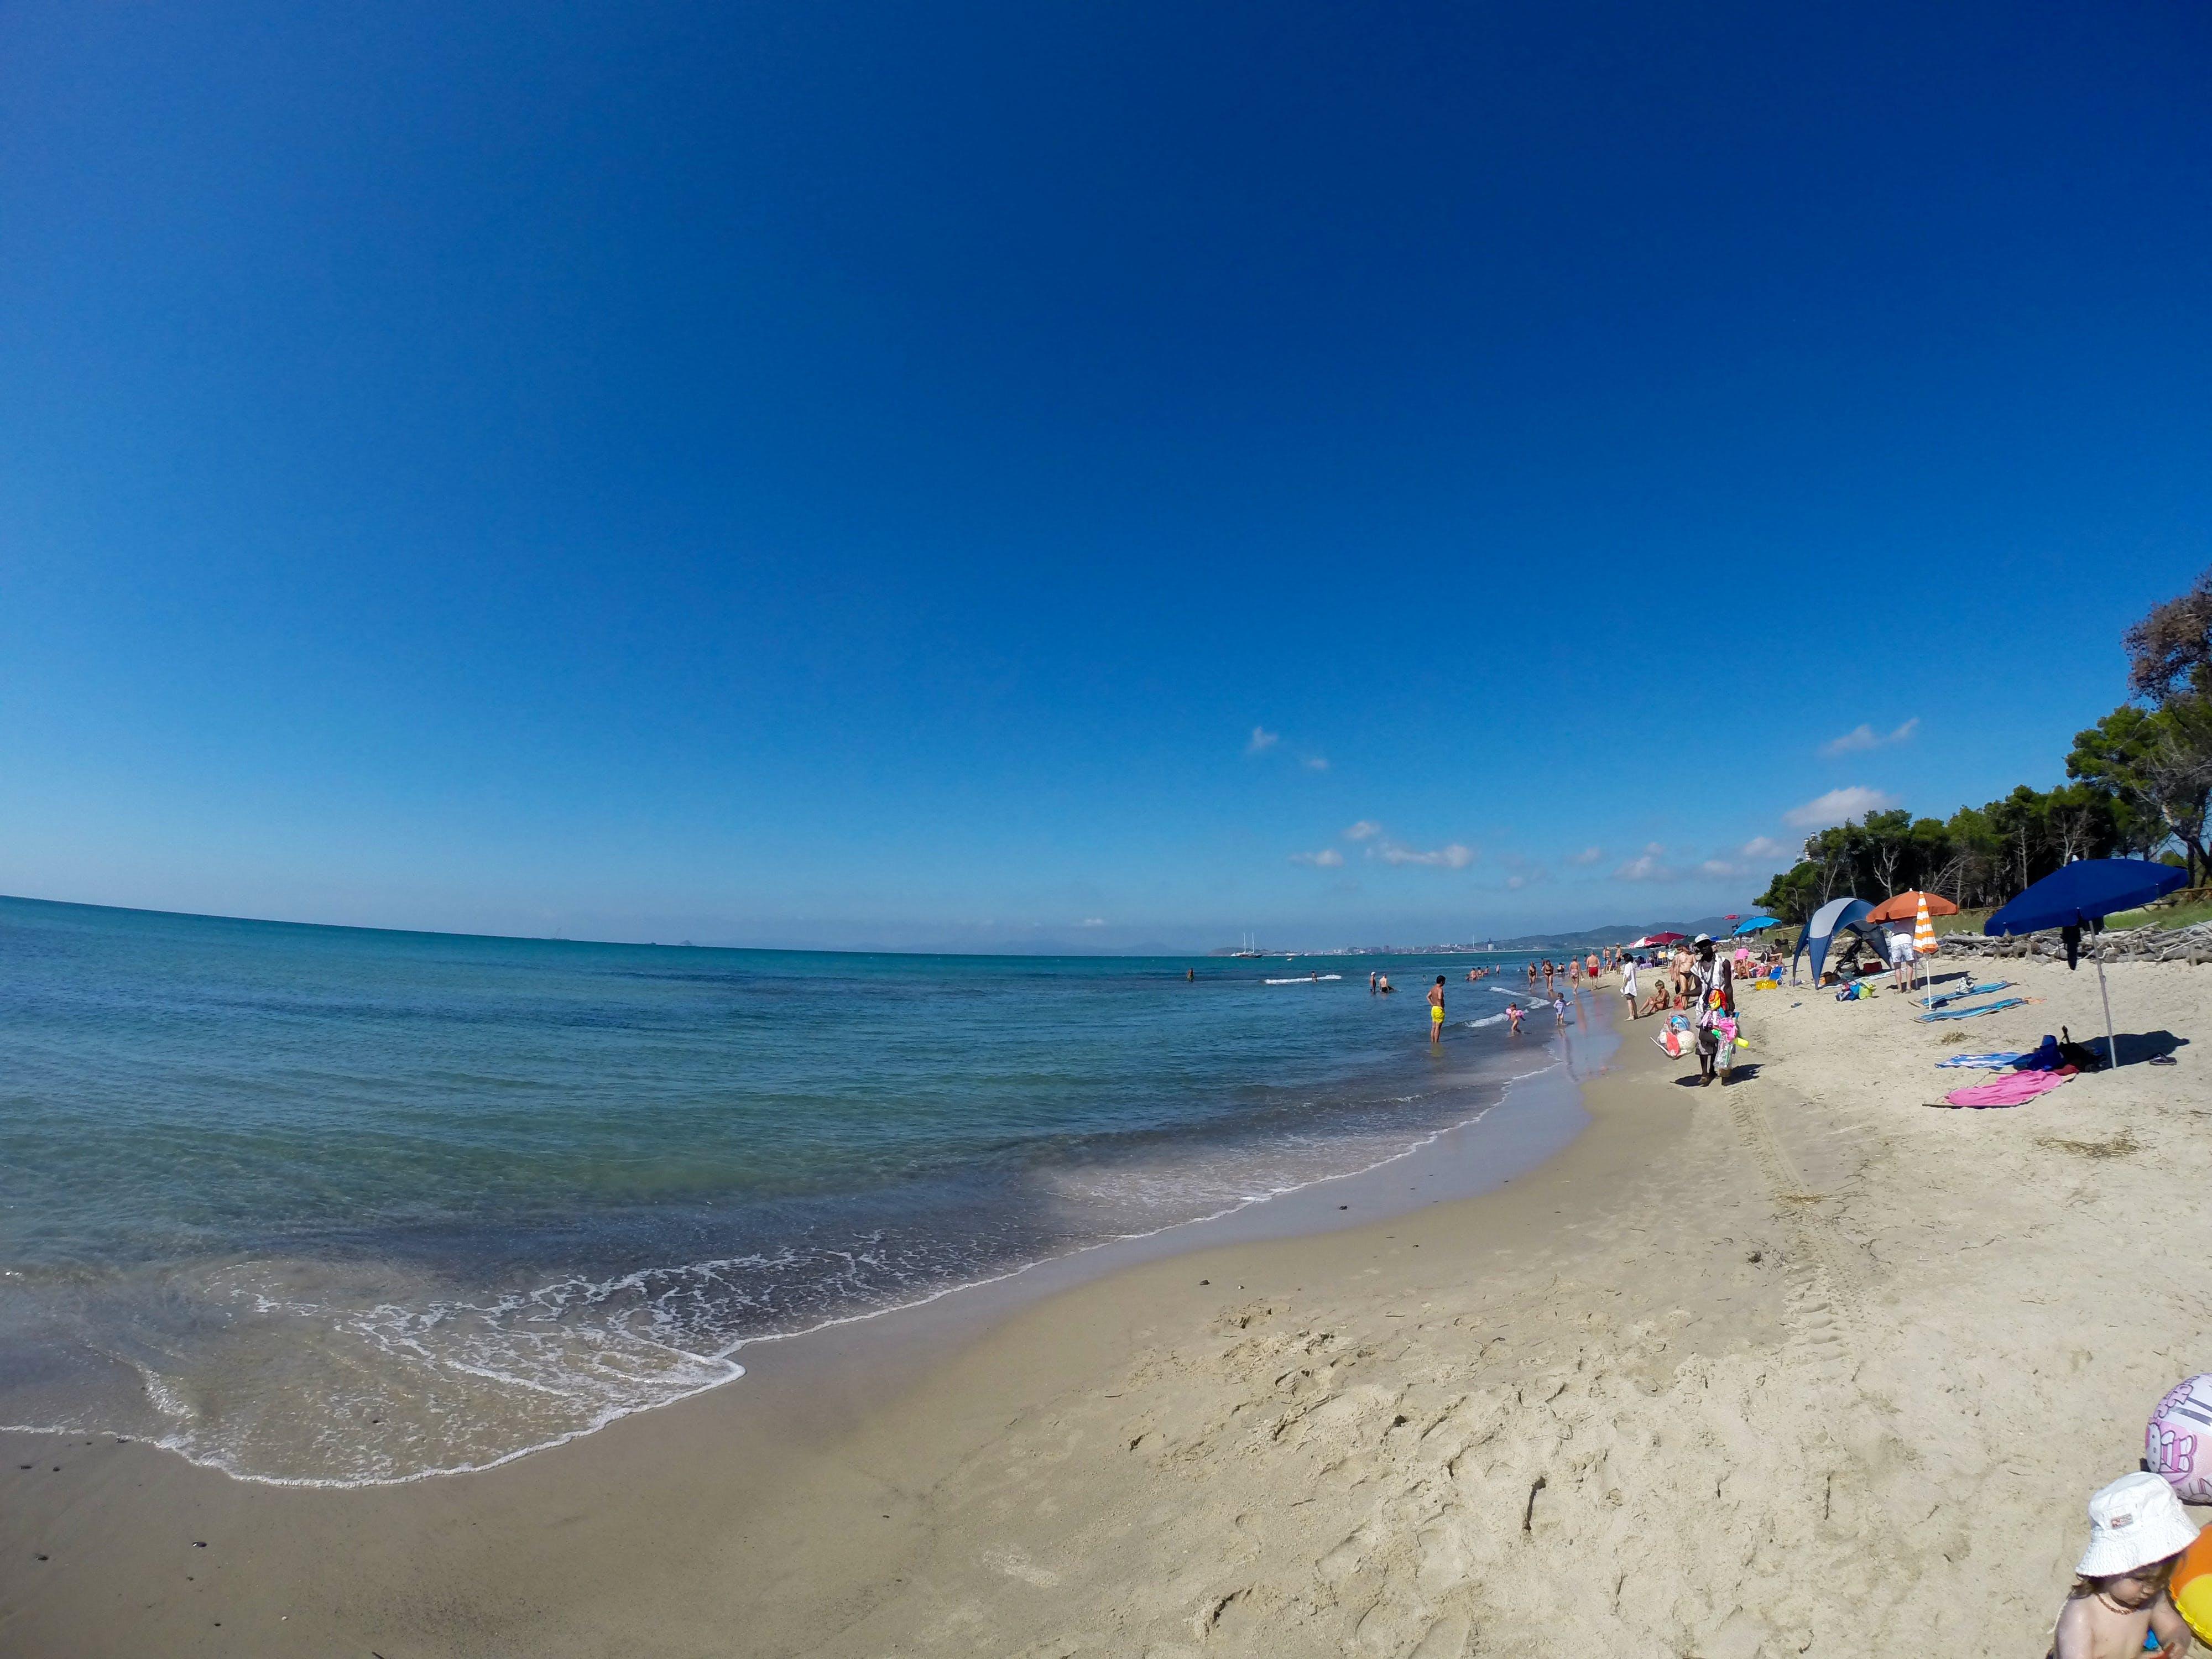 Bagno stefano beach tirrenia - Bagno fortuna marina di pisa ...